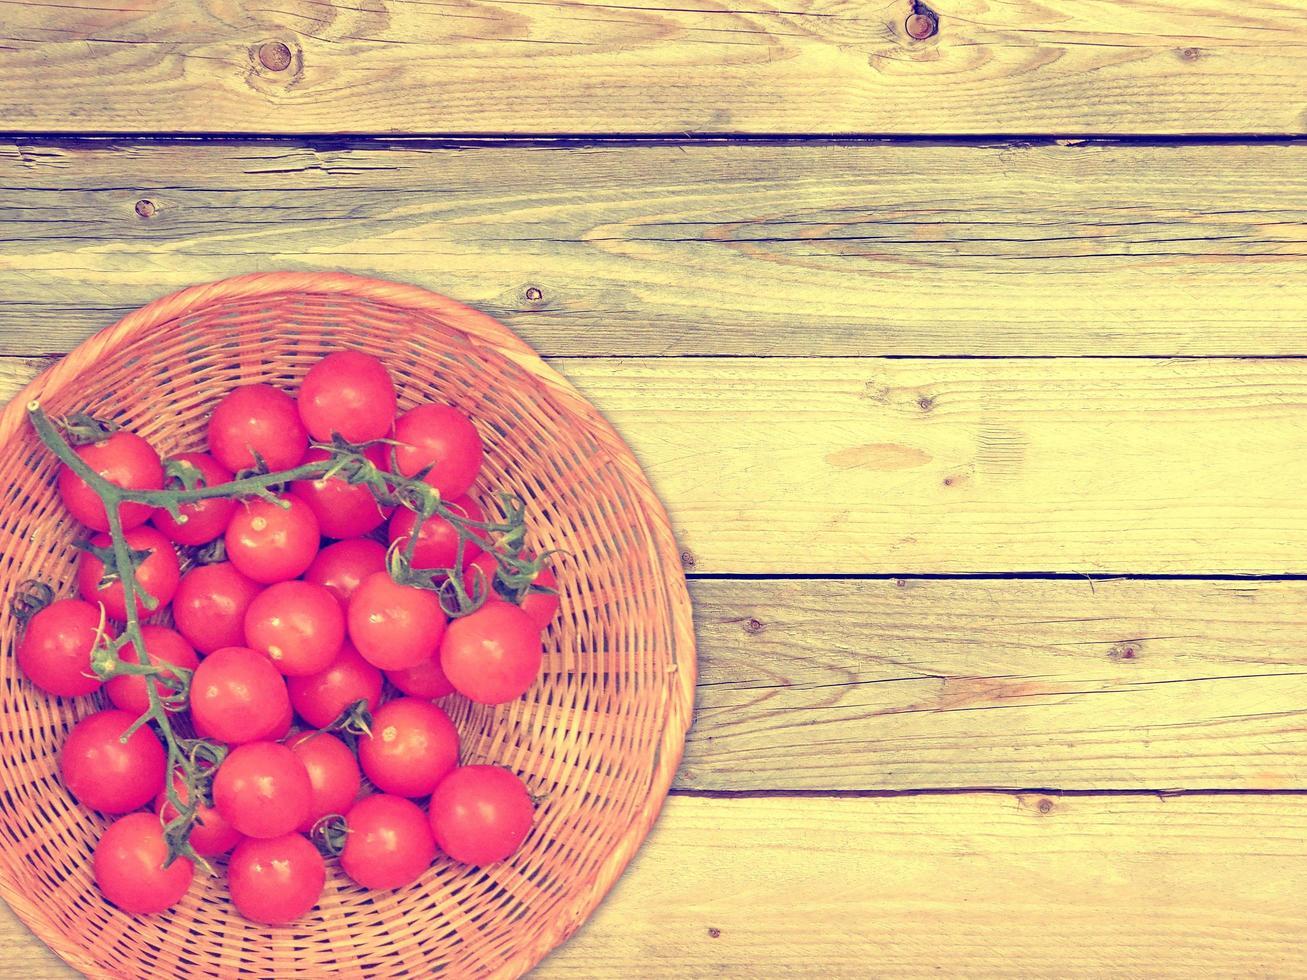 tomate al aire libre en el jardín foto